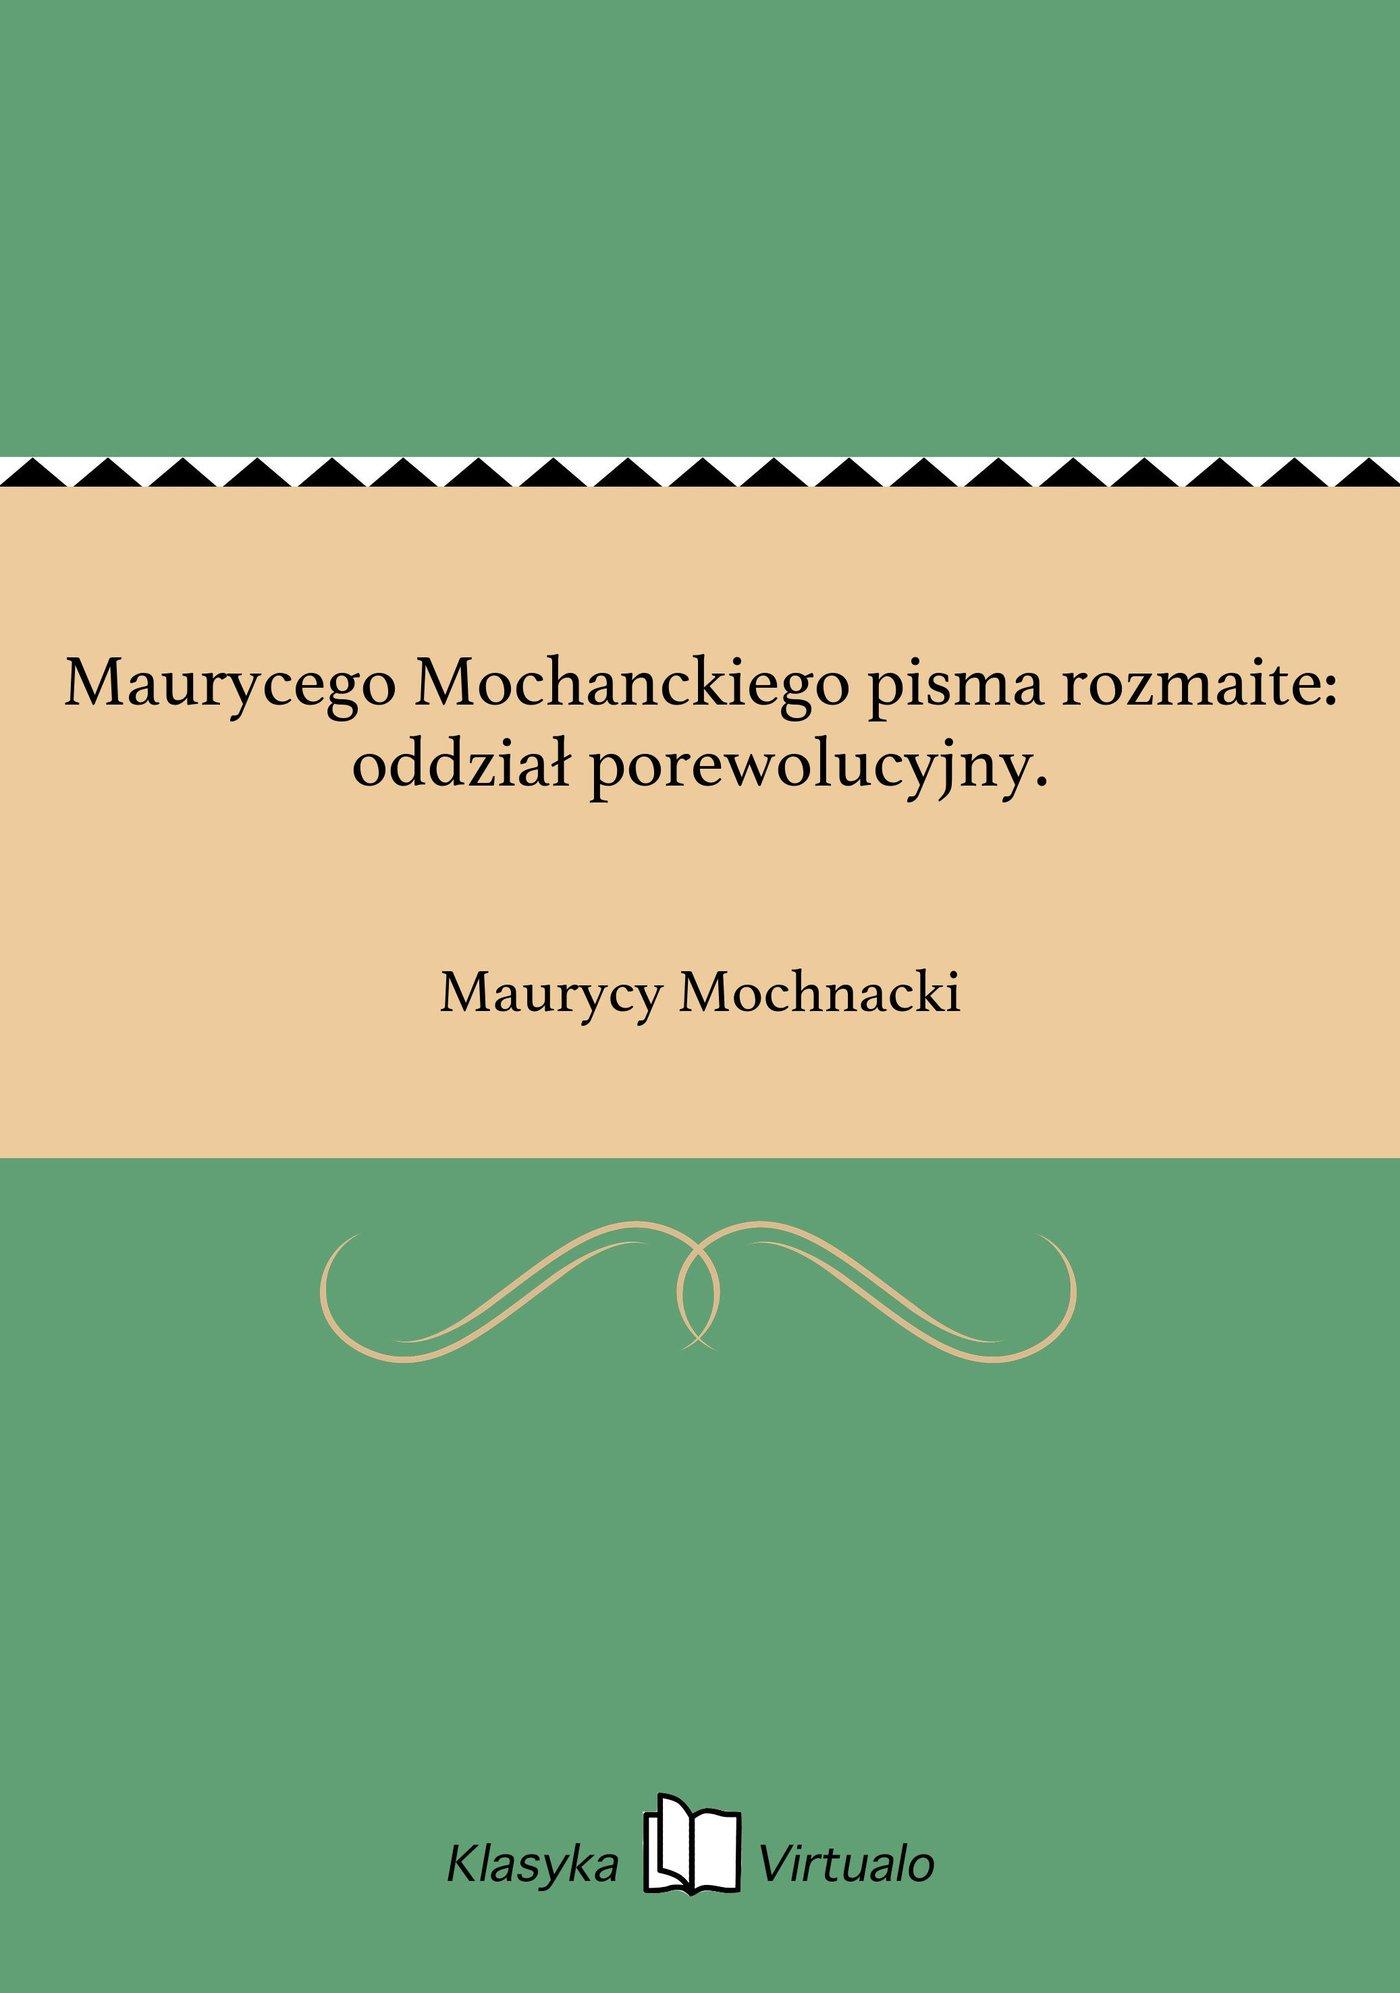 Maurycego Mochanckiego pisma rozmaite: oddział porewolucyjny. - Ebook (Książka EPUB) do pobrania w formacie EPUB